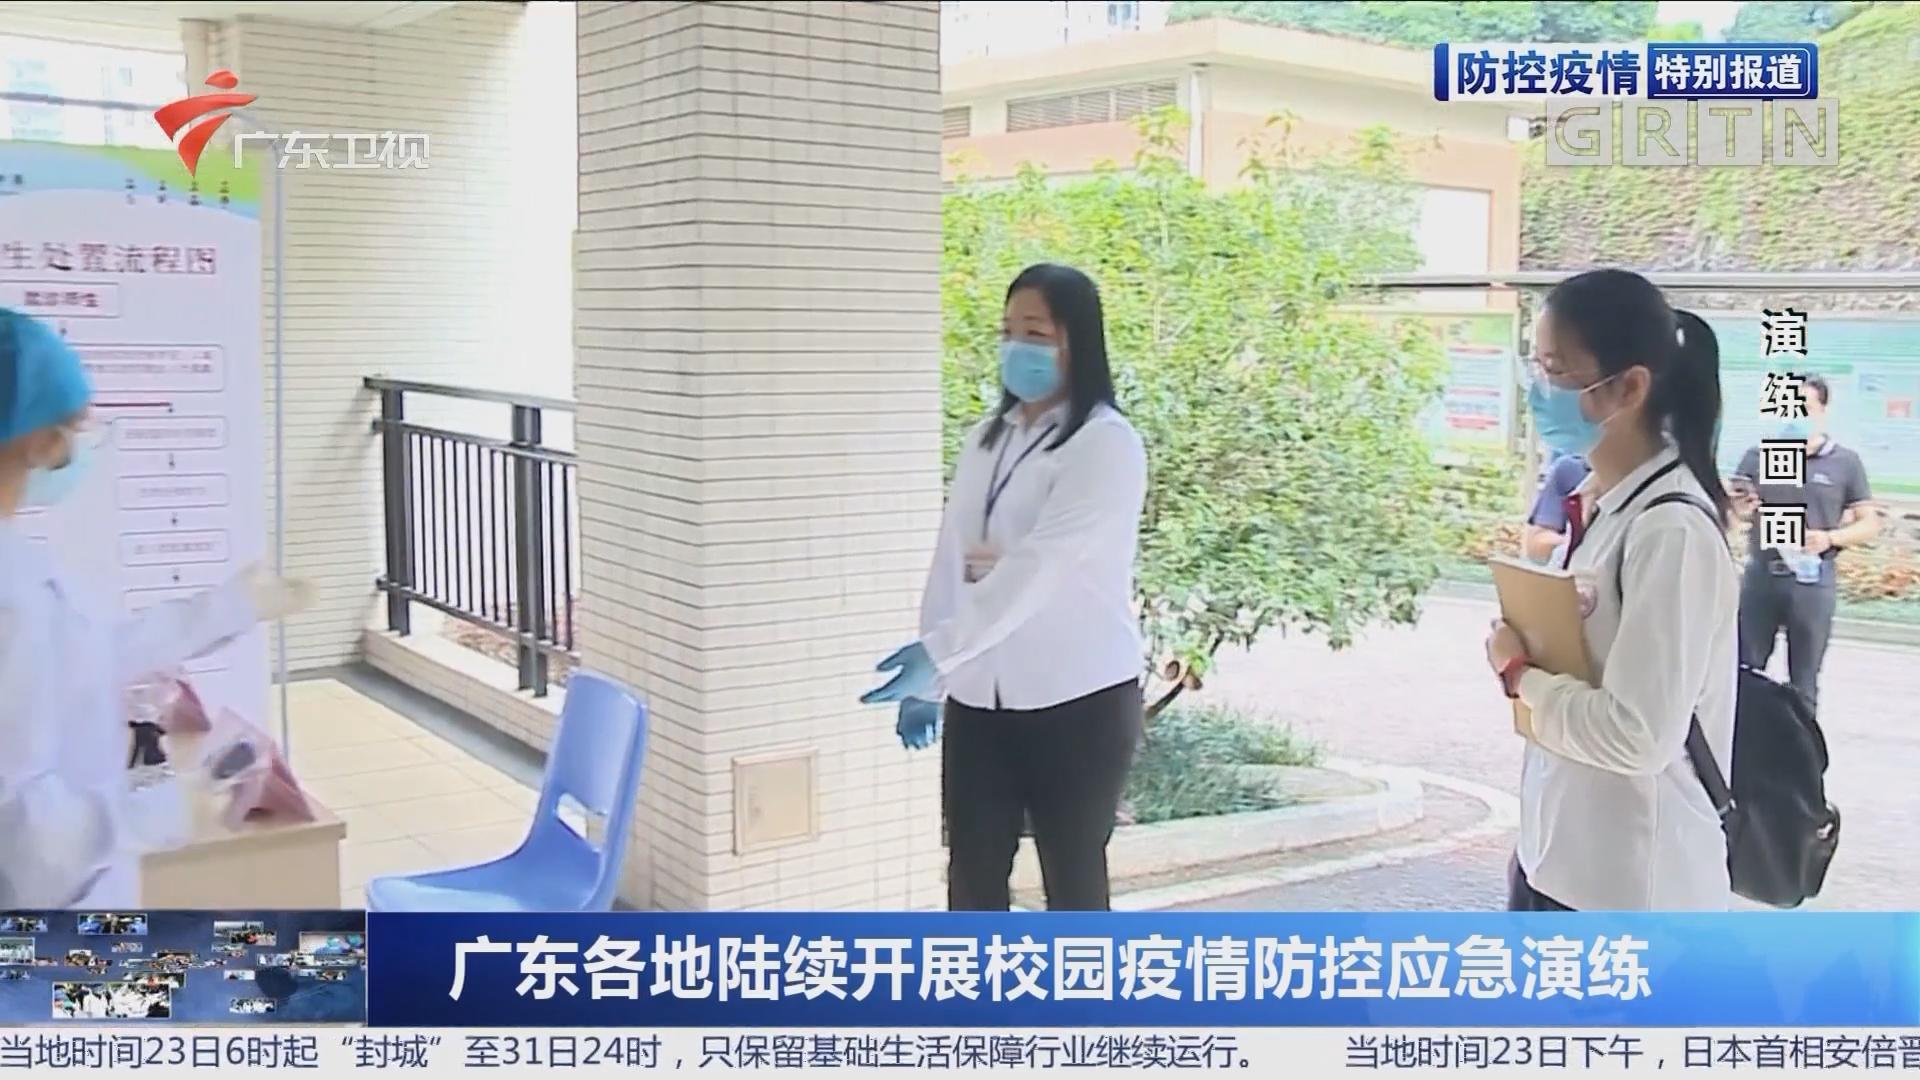 广东各地陆续开展校园疫情防控应急演练